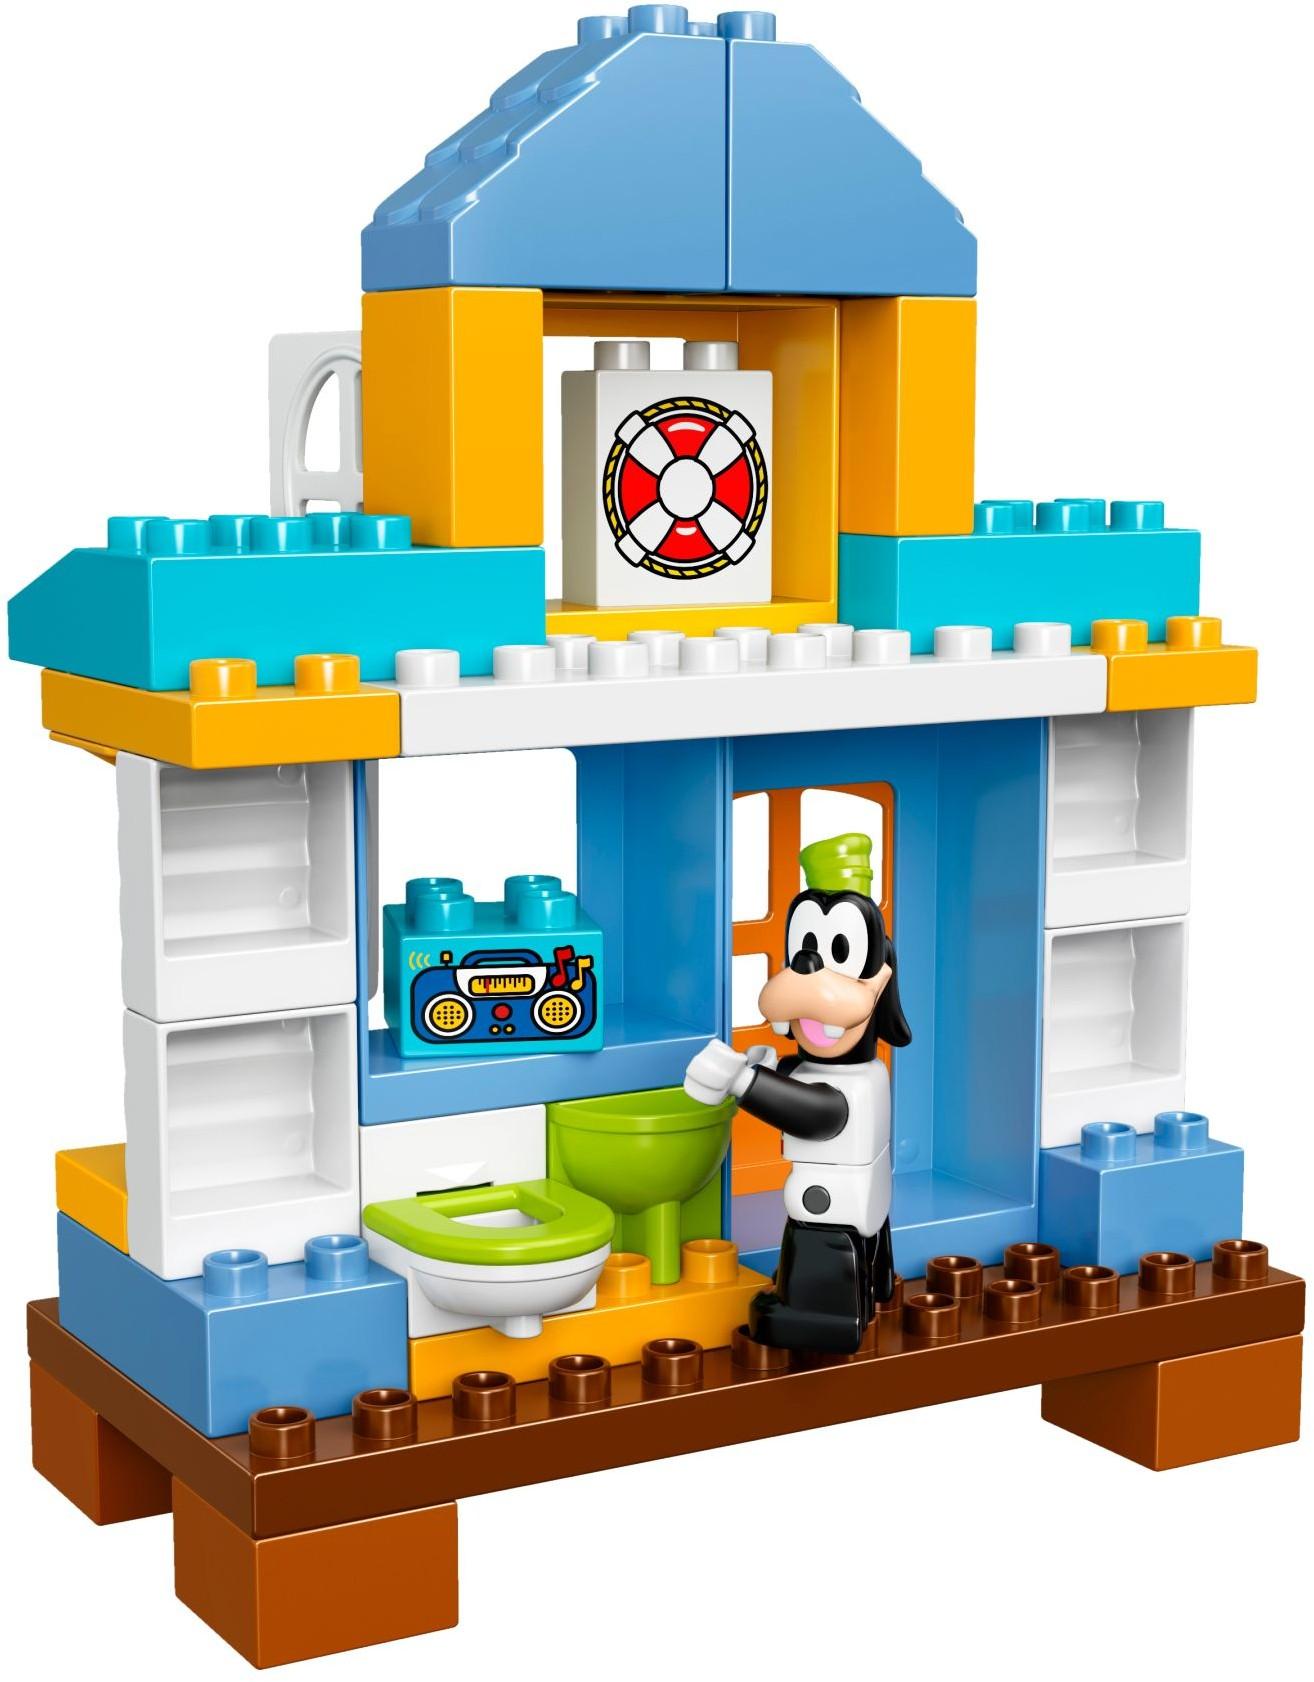 Đồ Chơi Xếp Hình - Nhà Bãi Biển Của Mickey Thương Hiệu LEGO